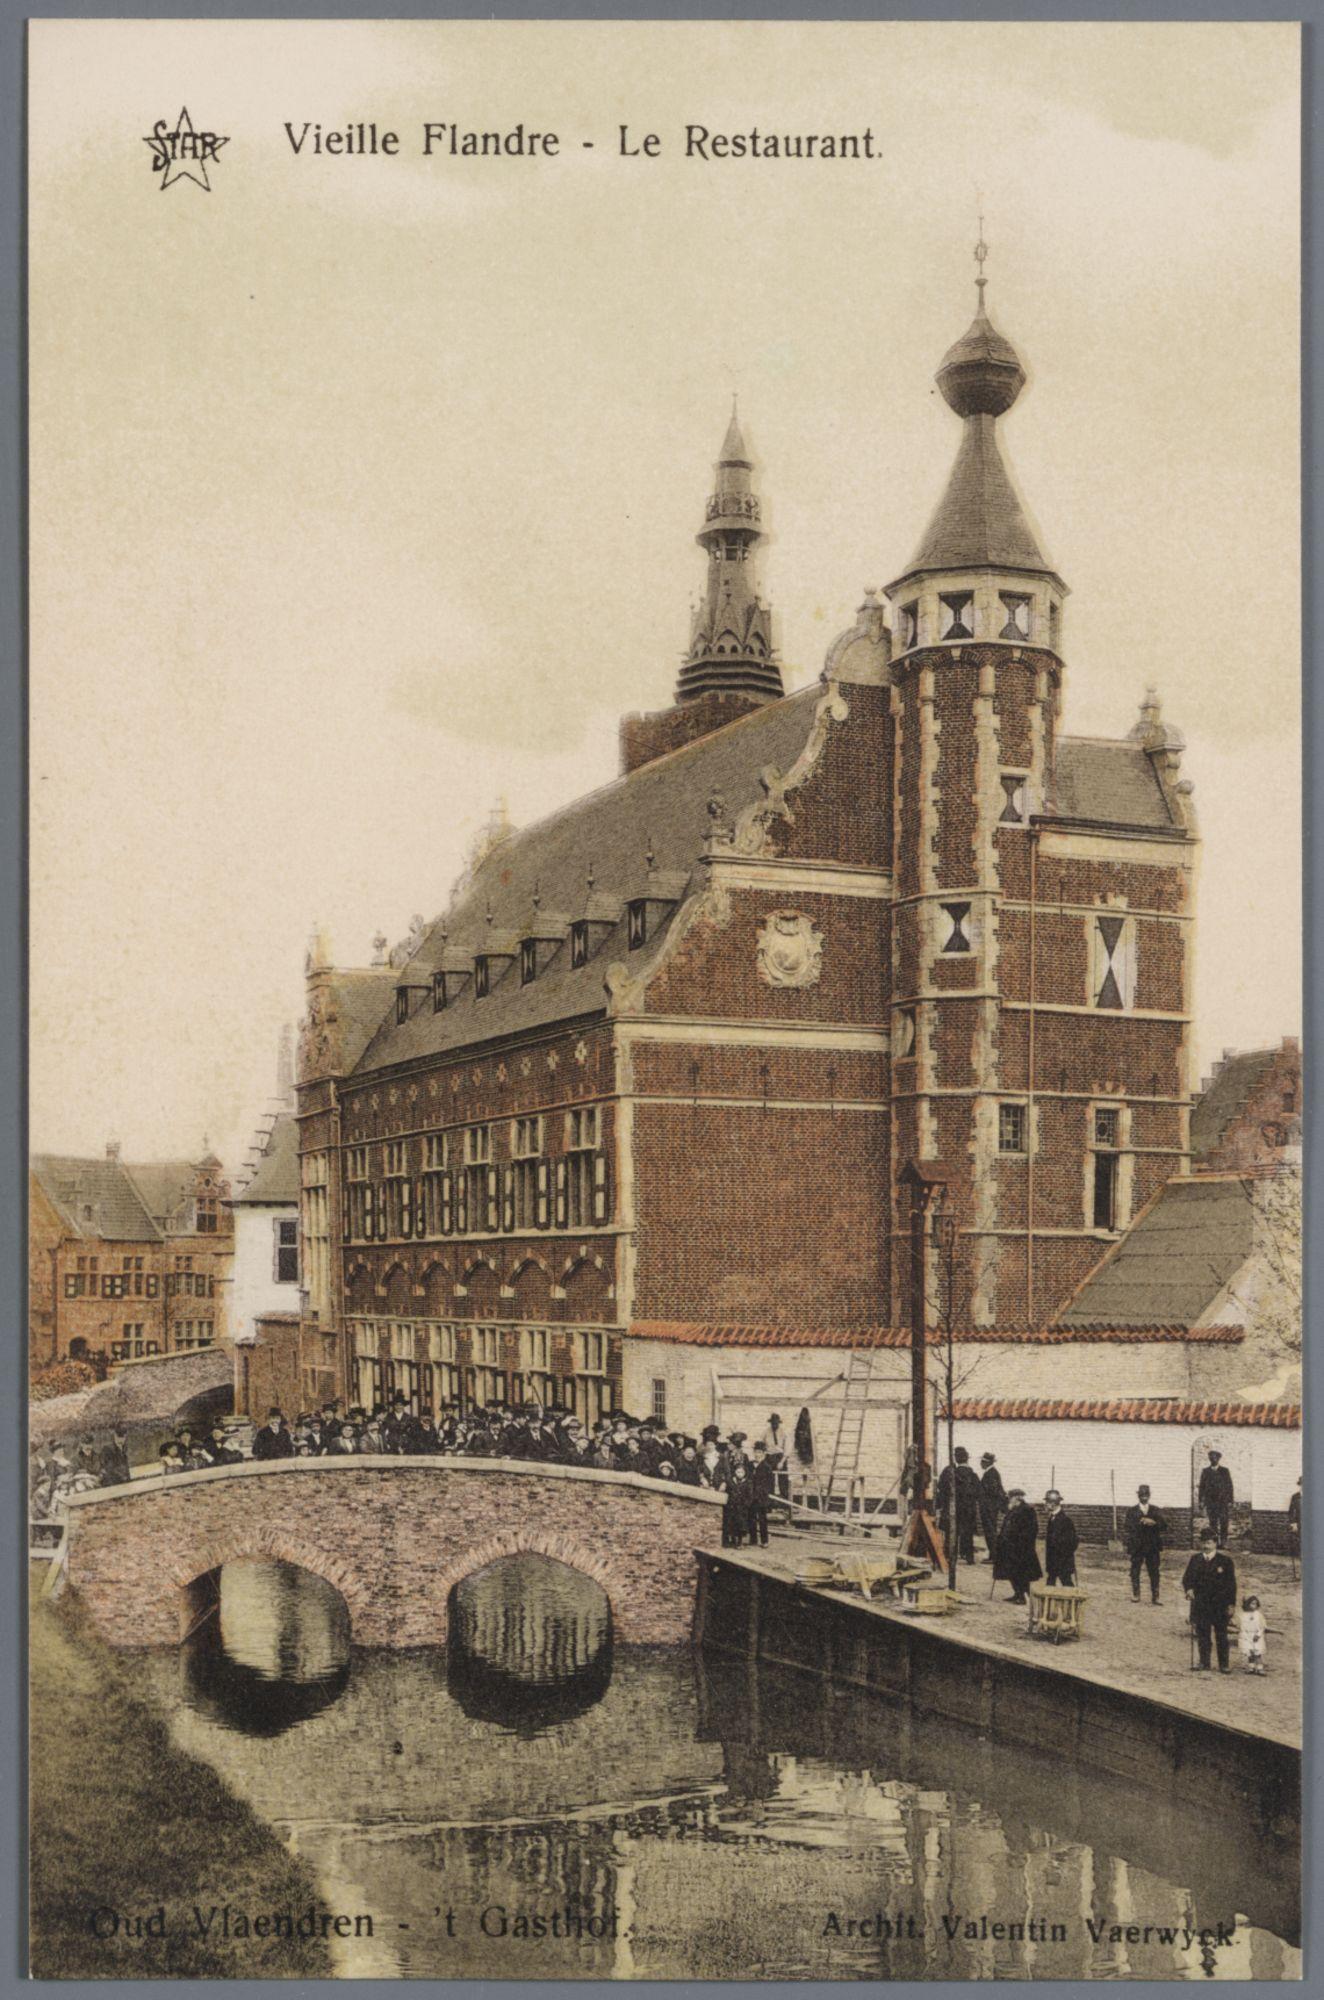 Gent: Wereldtentoonstelling 1913: Oud Vlaanderen: het restaurant